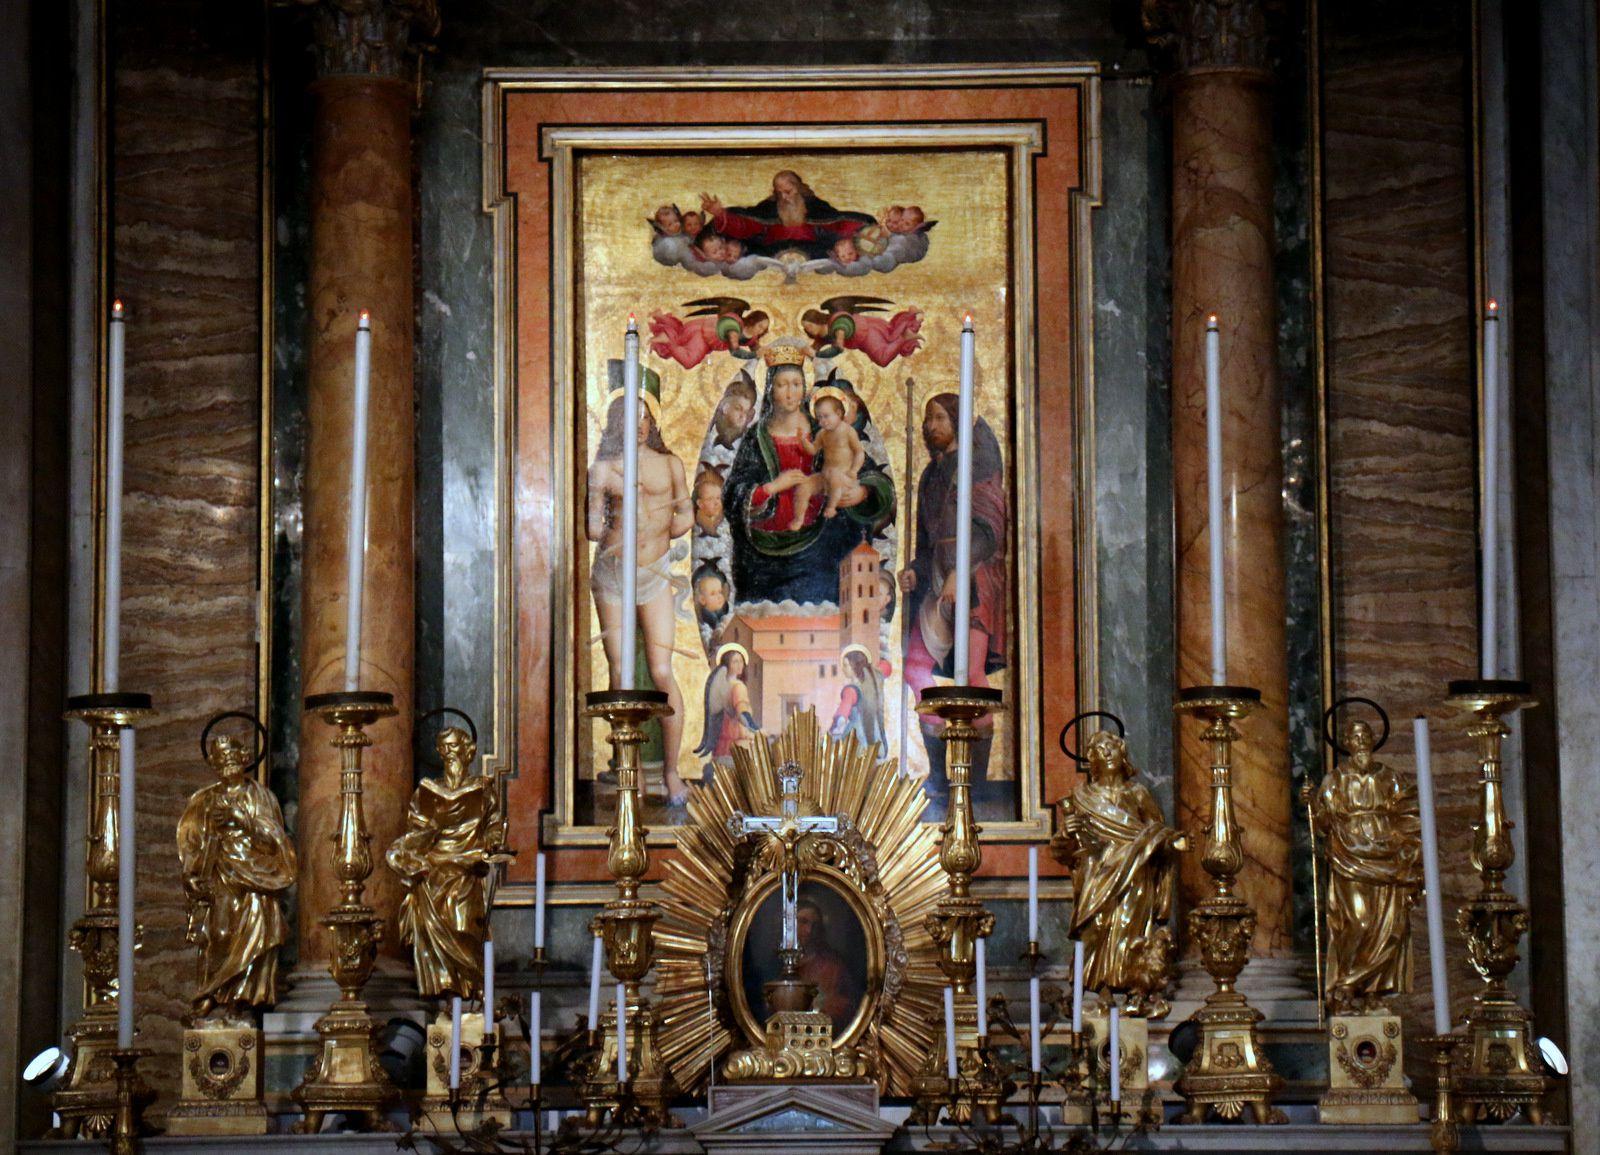 Eglise Madonna di Loreto (1/2), Rome